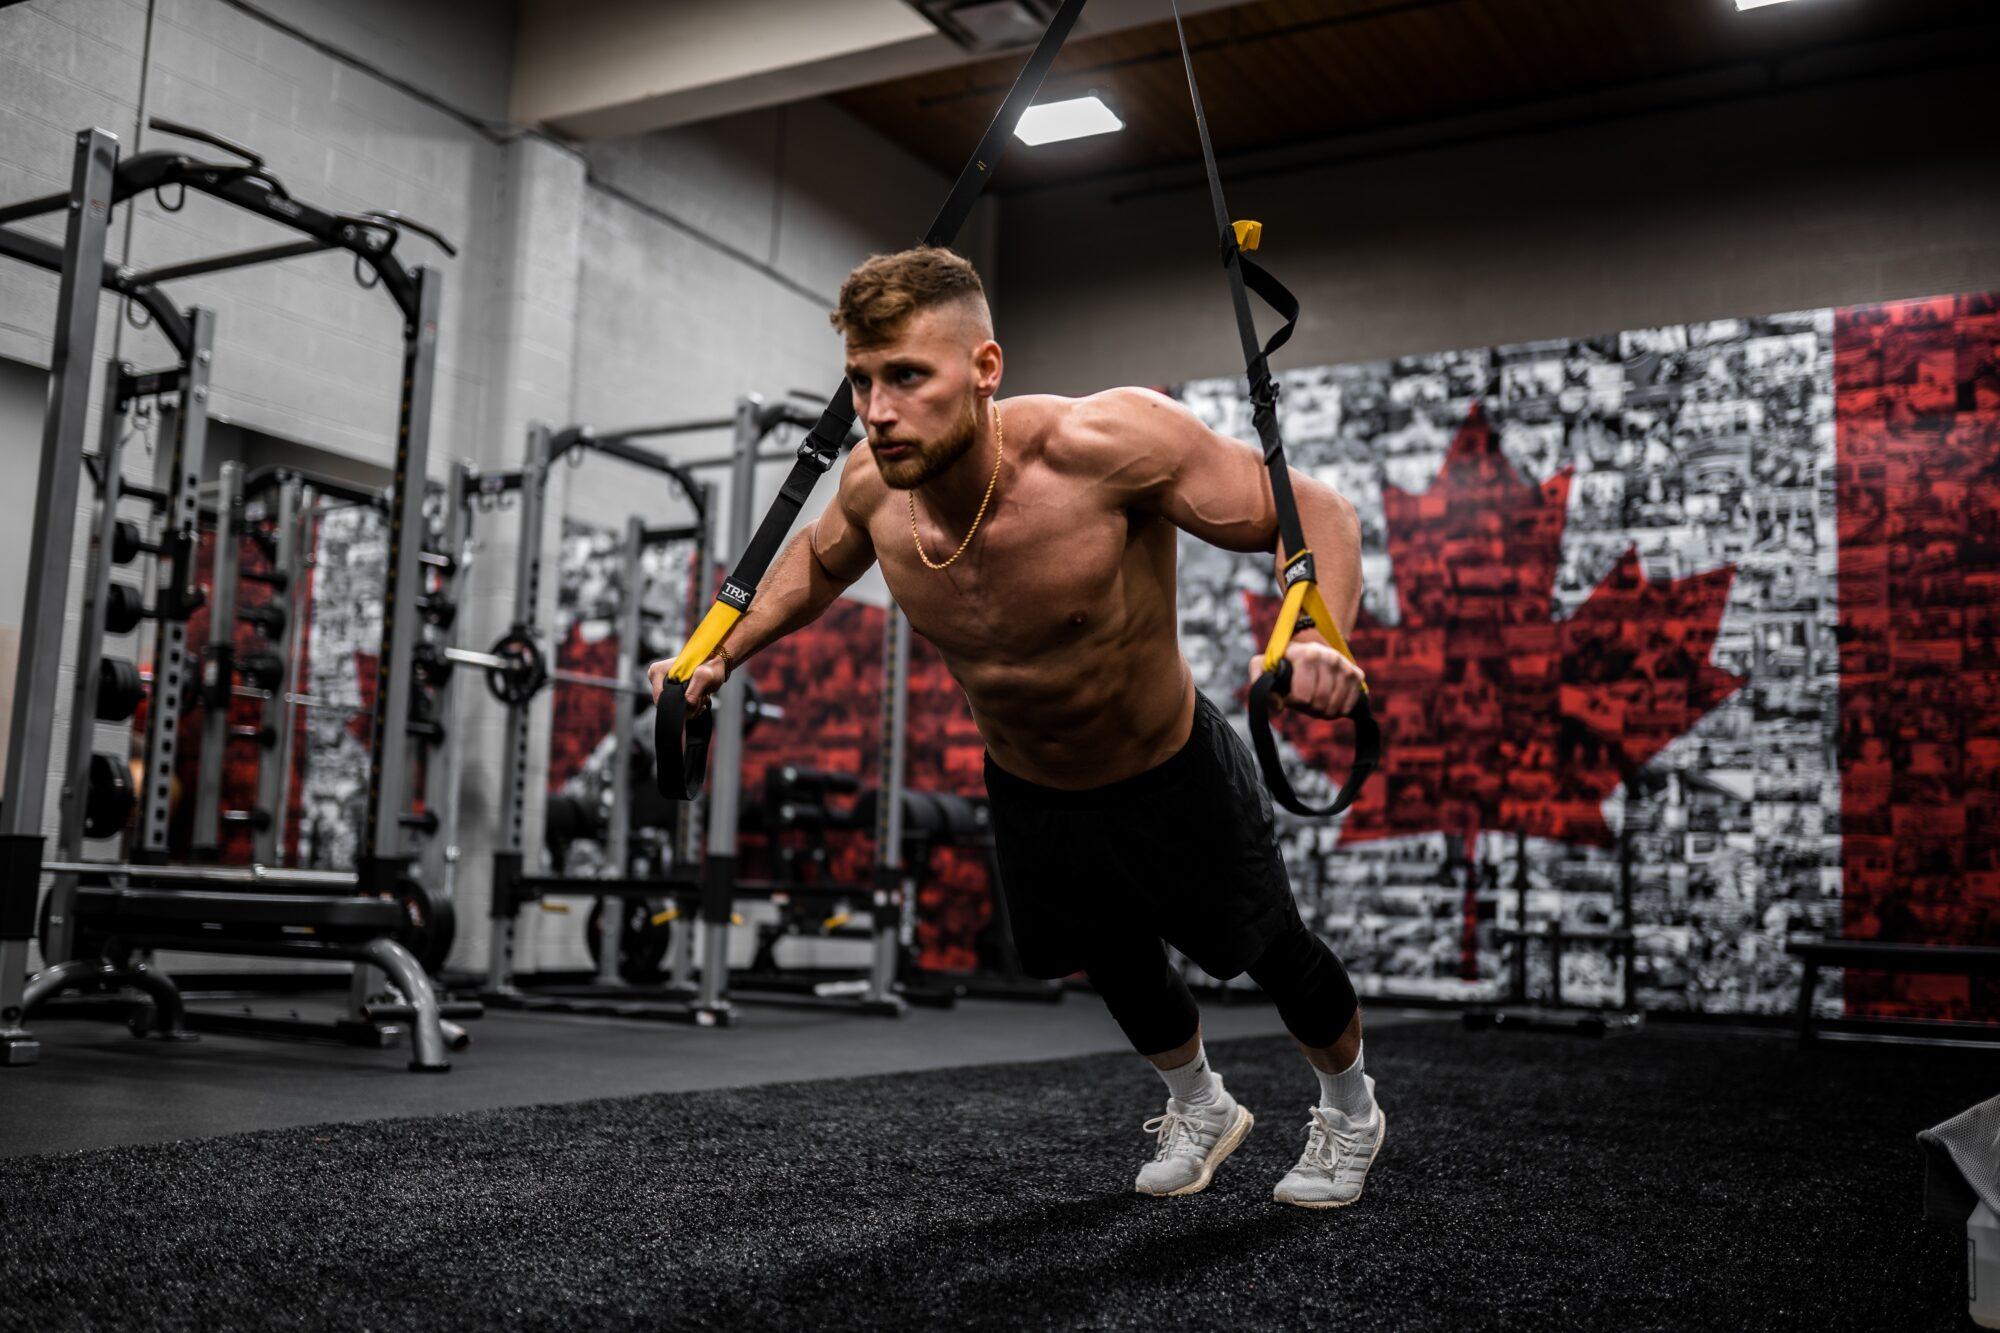 TRX træning – den nye form for hjemmetræning